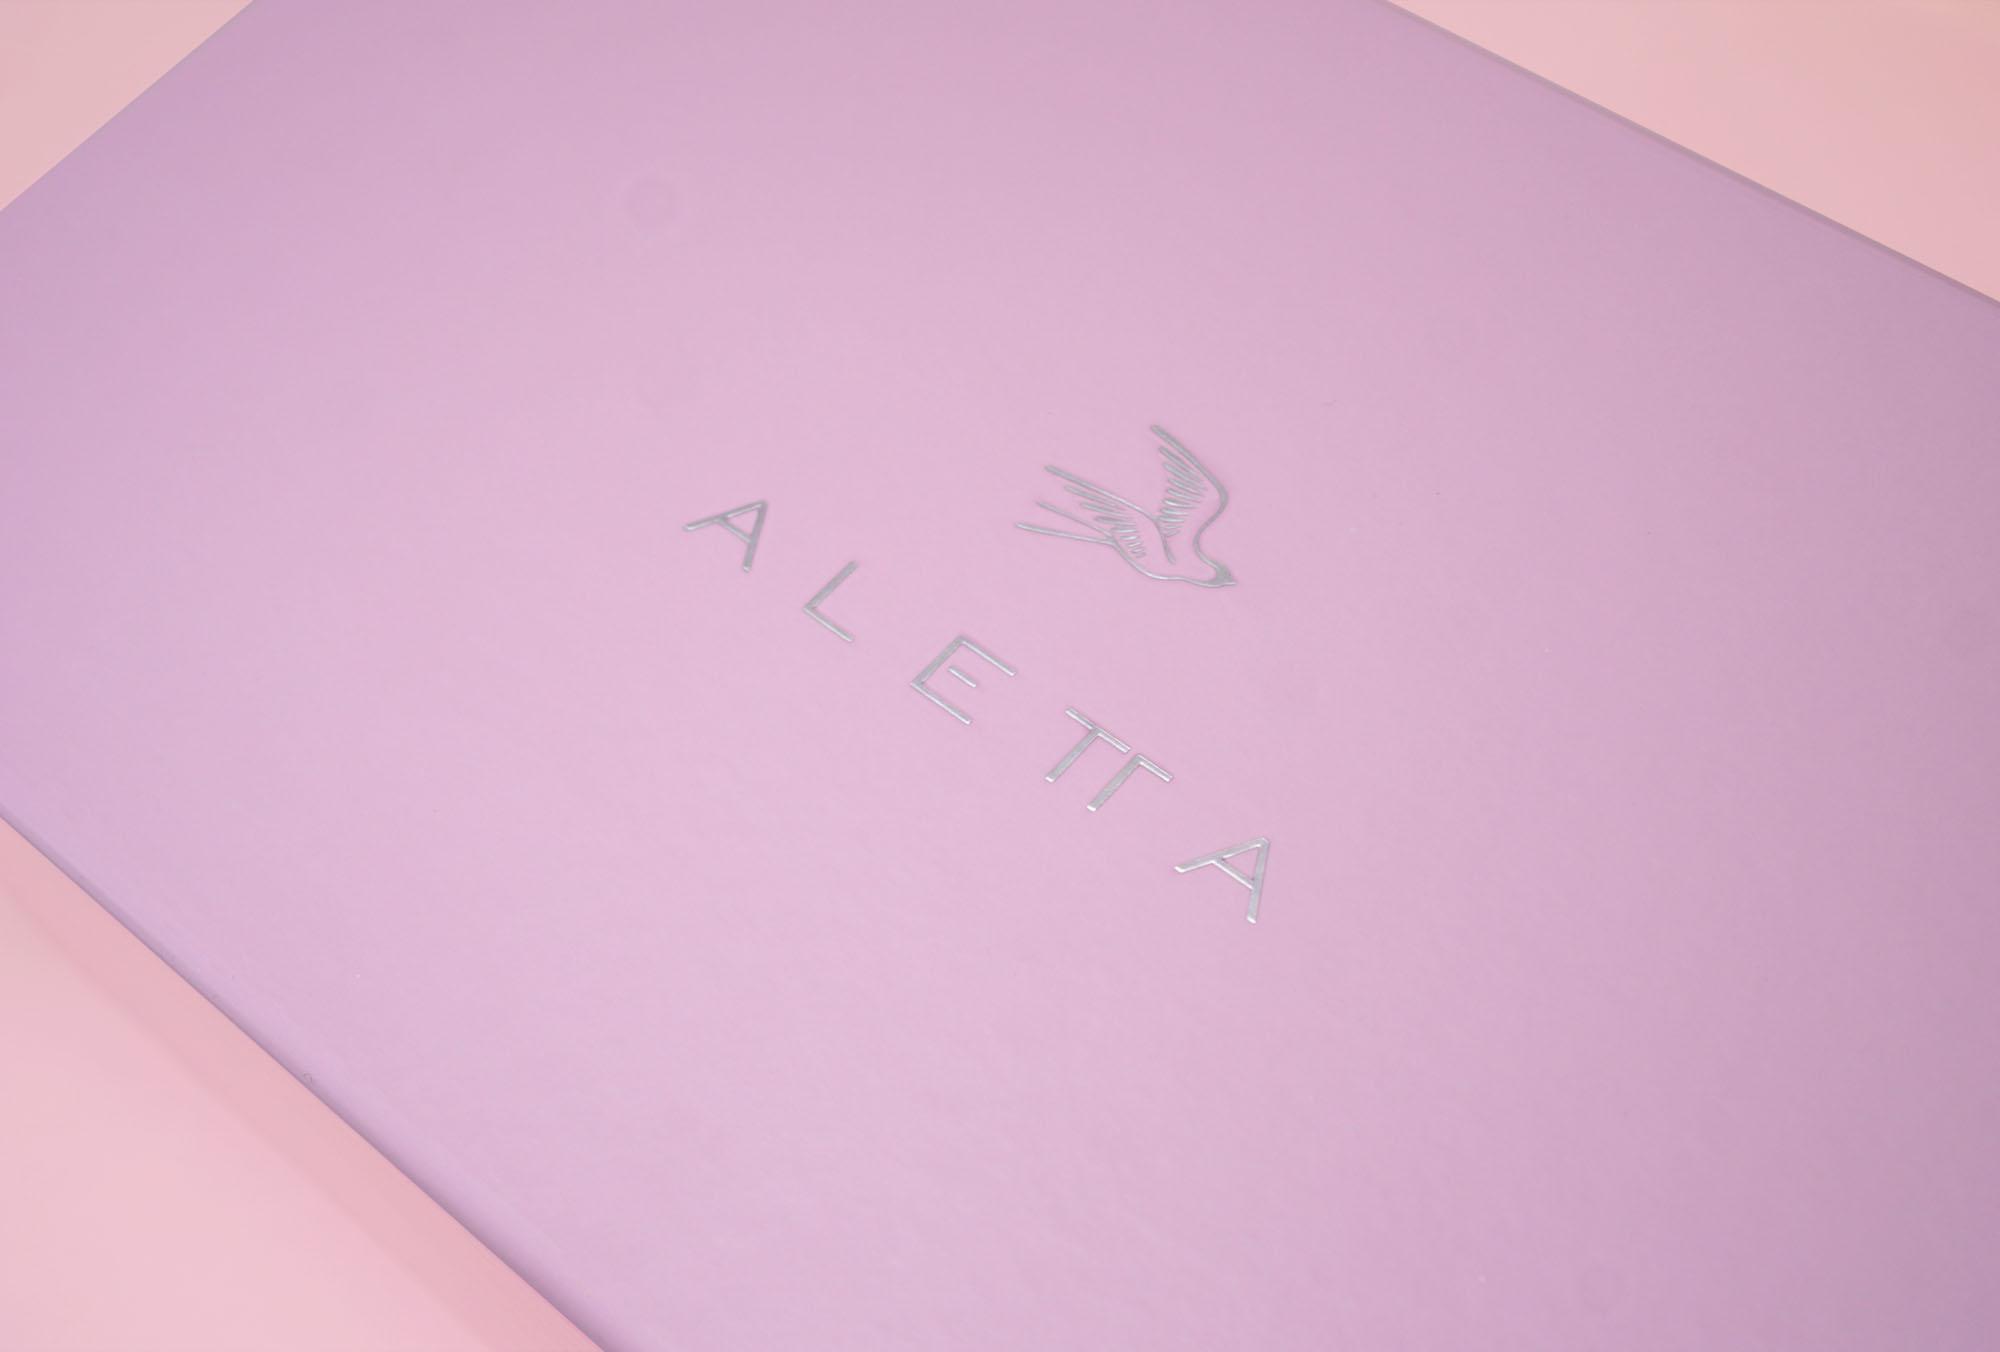 Aletta01